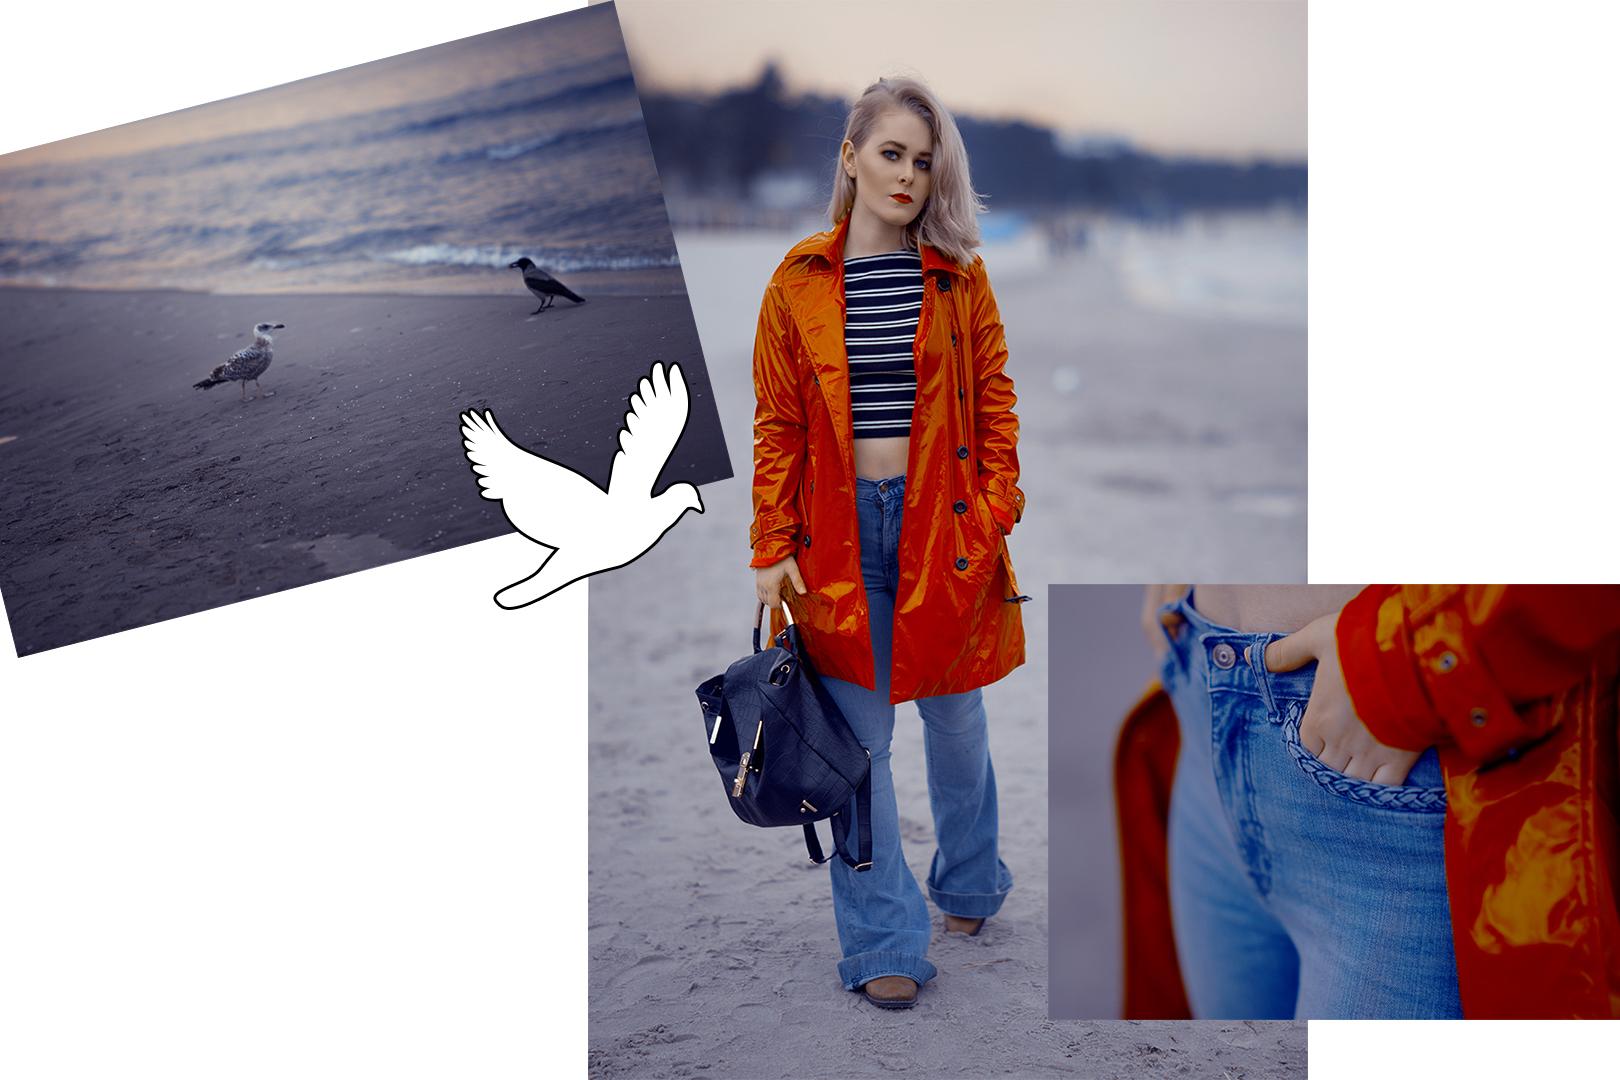 Fashion Bloggerin Christina Key aus Berlin trägt einen roten Mantel in Lack Optik am Strand von der Ostsee